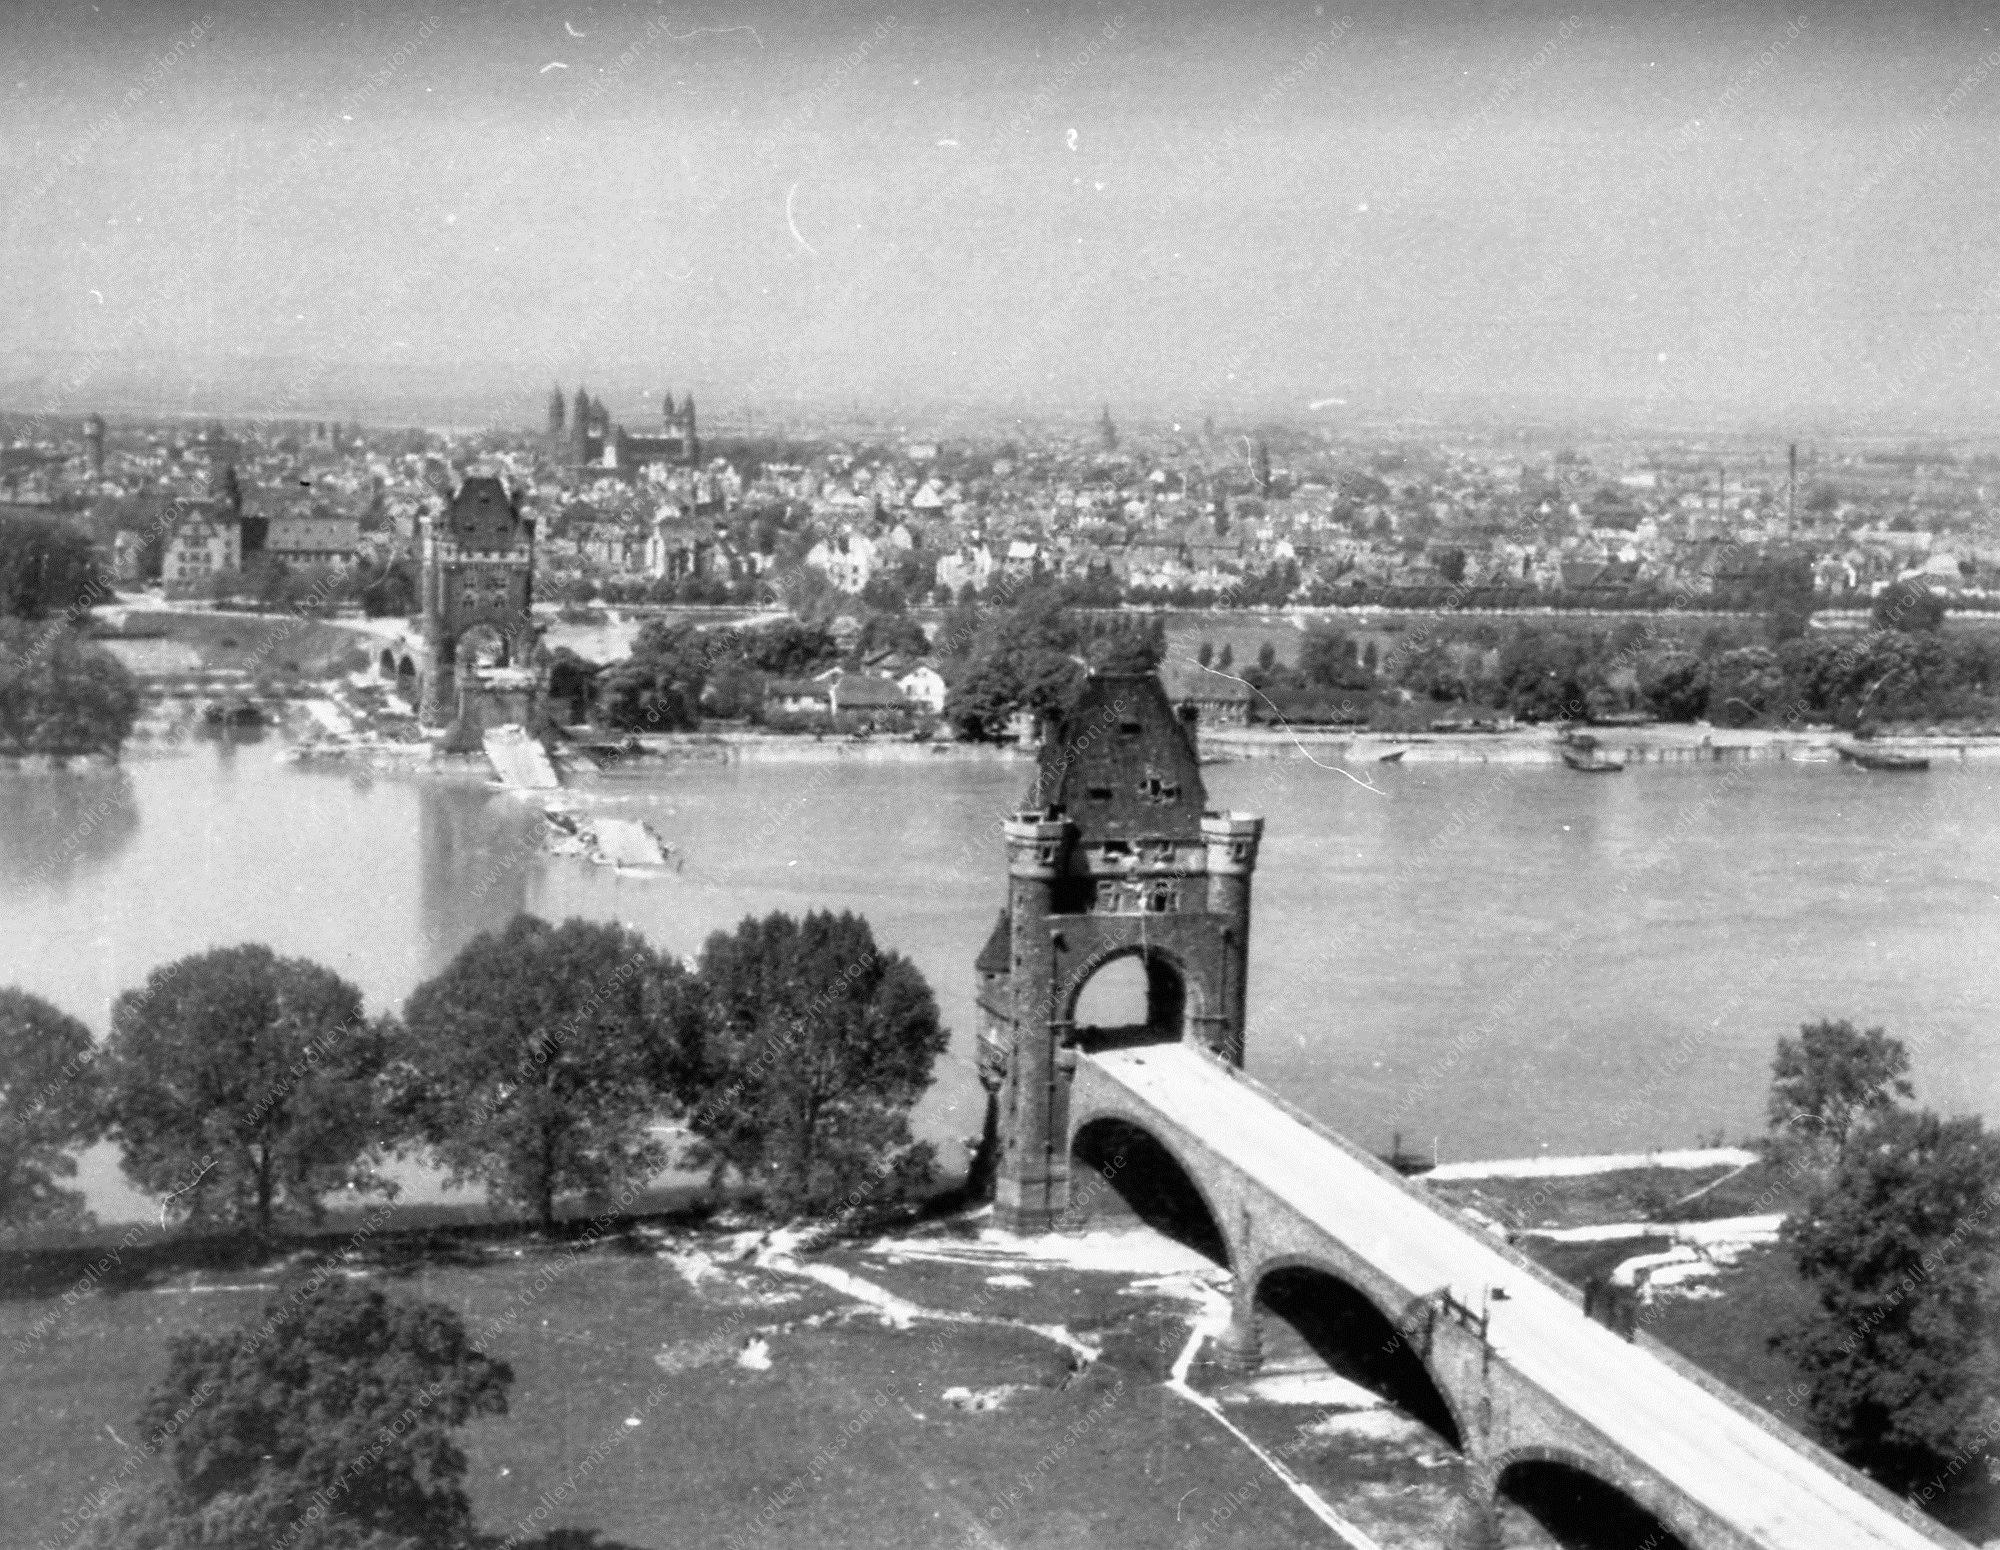 Luftbild der alten Nibelungenbrücke bzw. Ernst-Ludwig-Brücke in Worms im Mai 1945